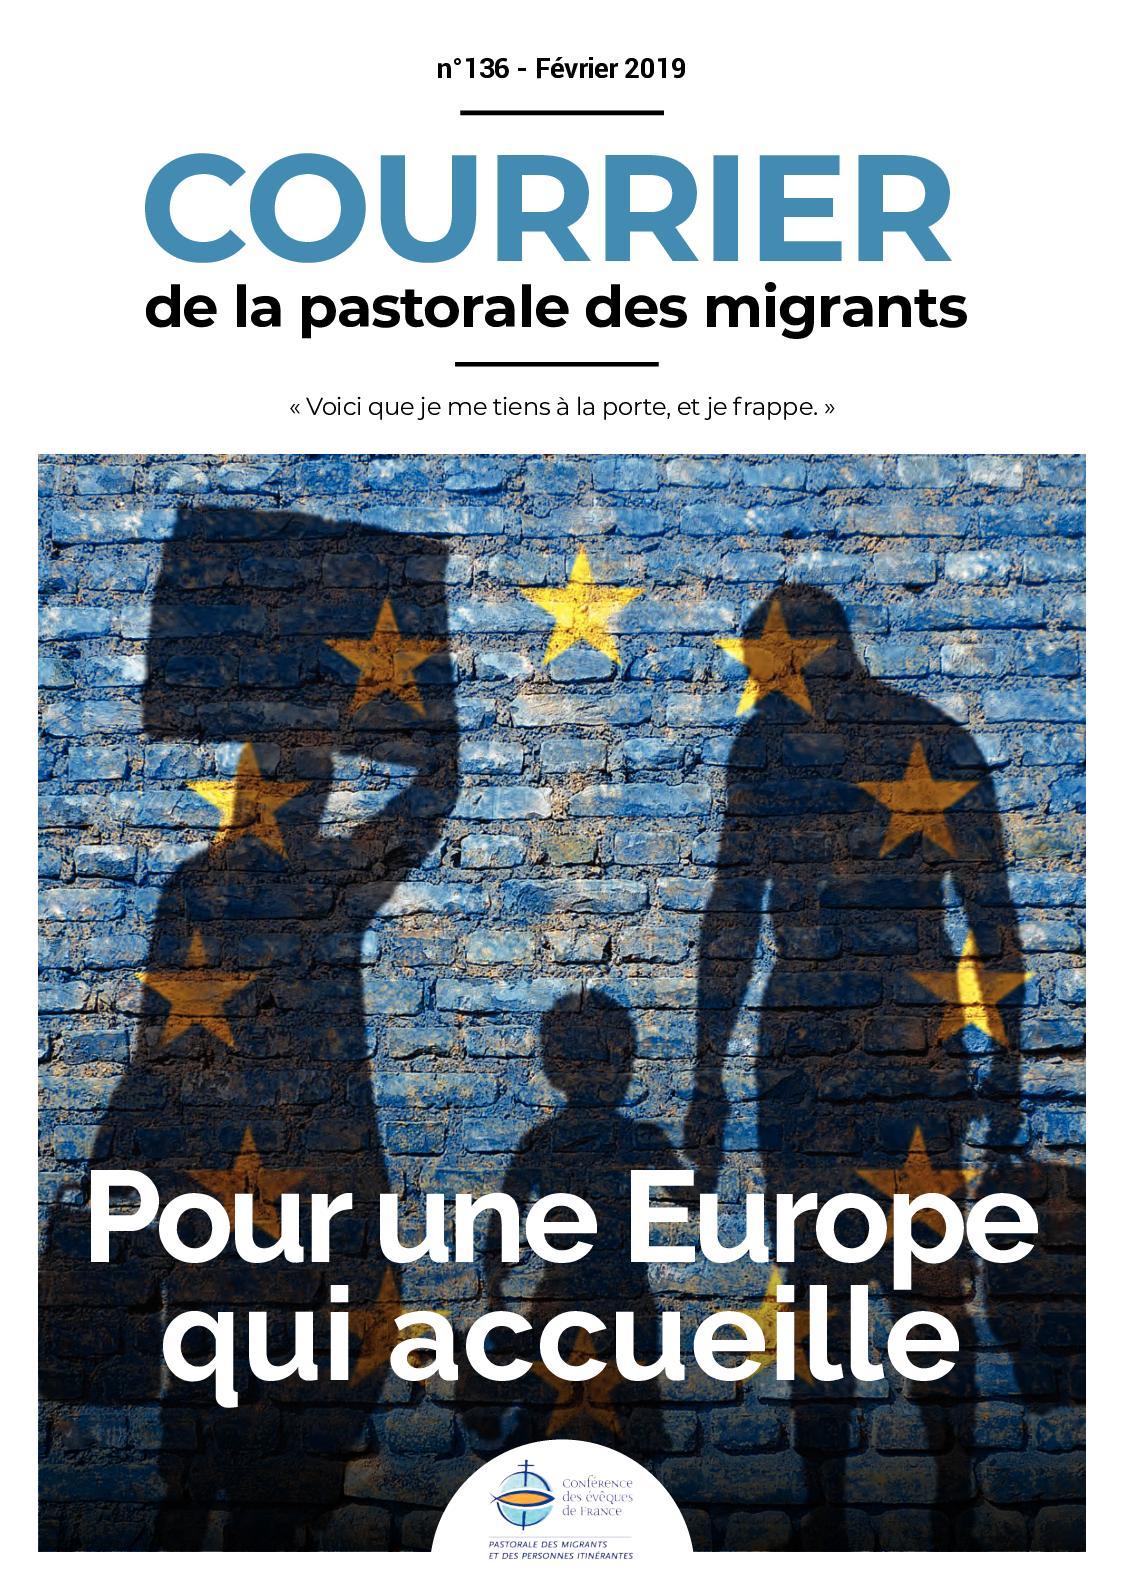 Courrier de la pastorale des migrants N°136 - Février 2019